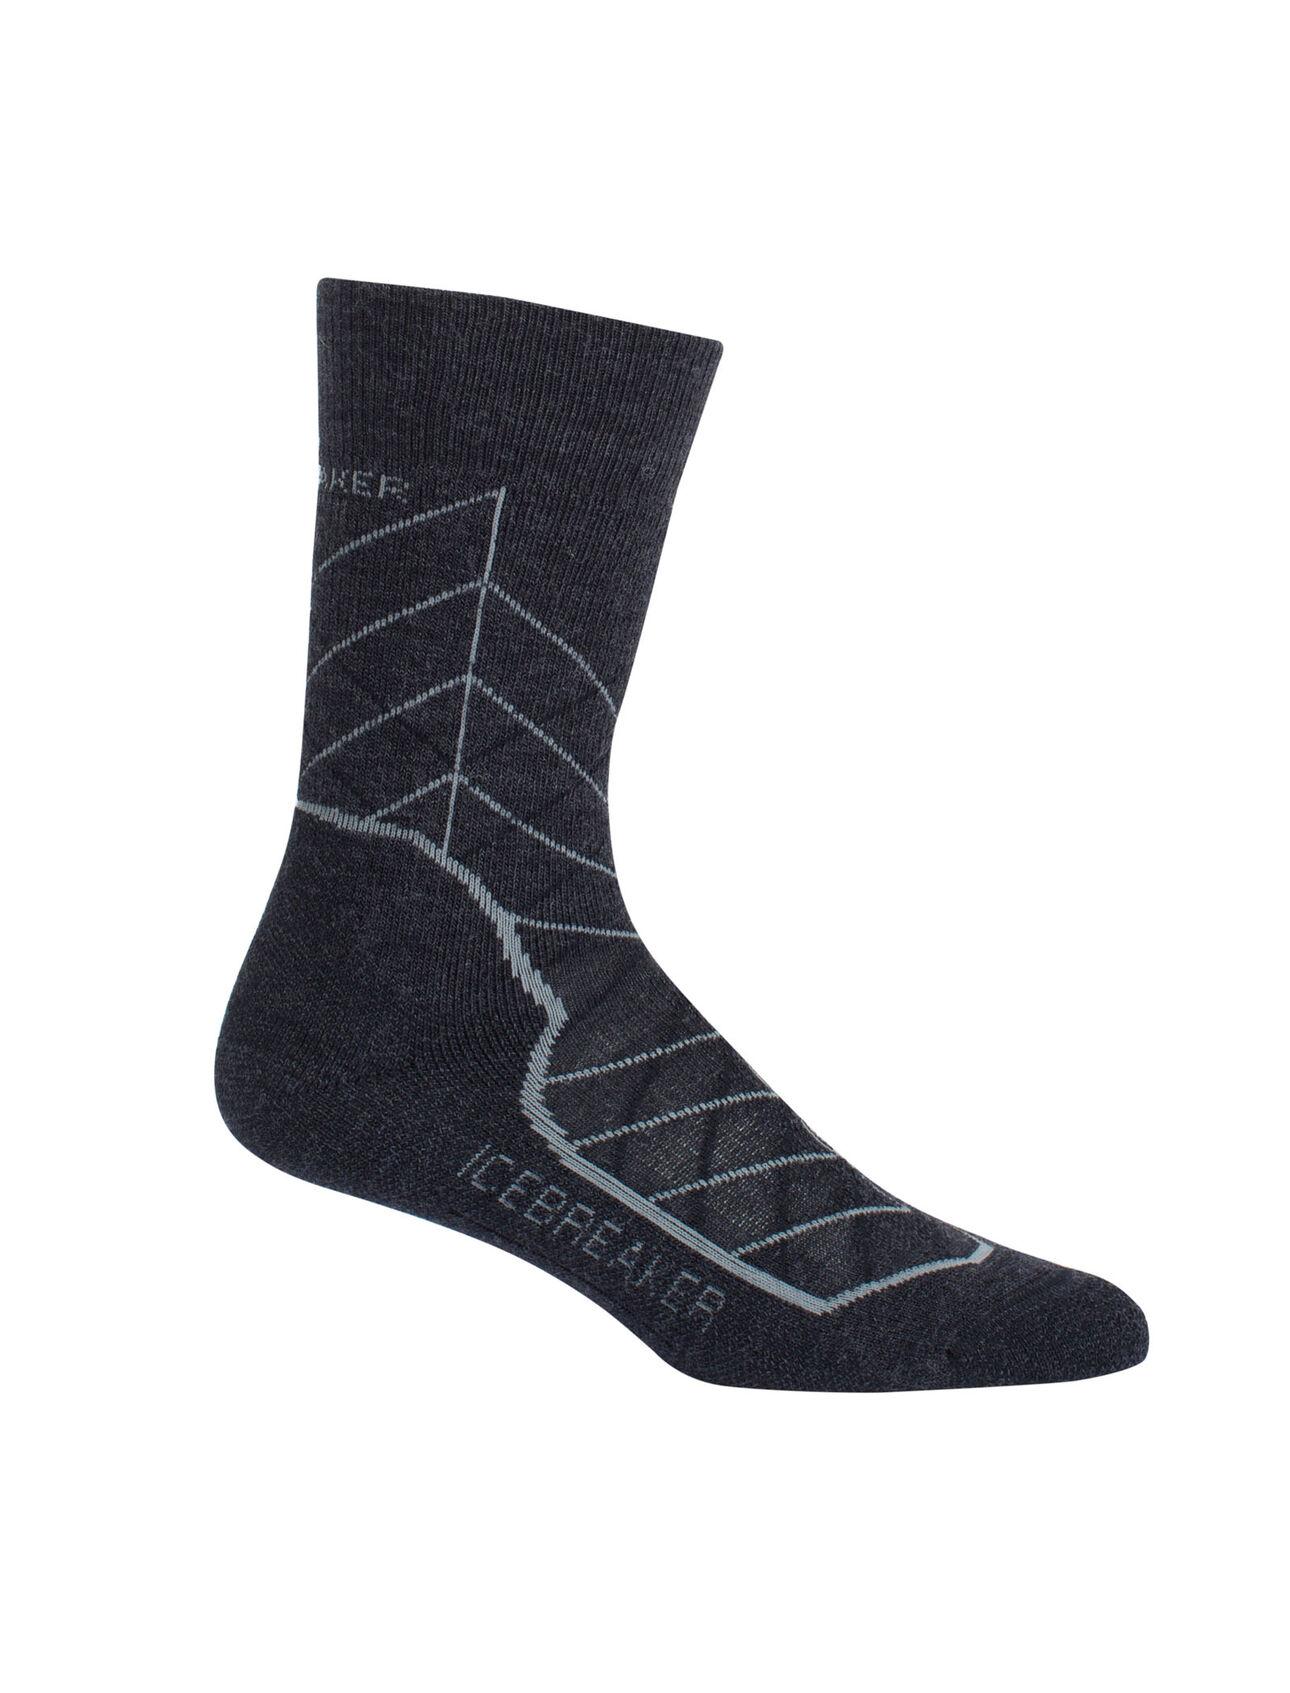 Icebreaker Merino Womens Hike Medium Cushion Merino Wool Crew Socks